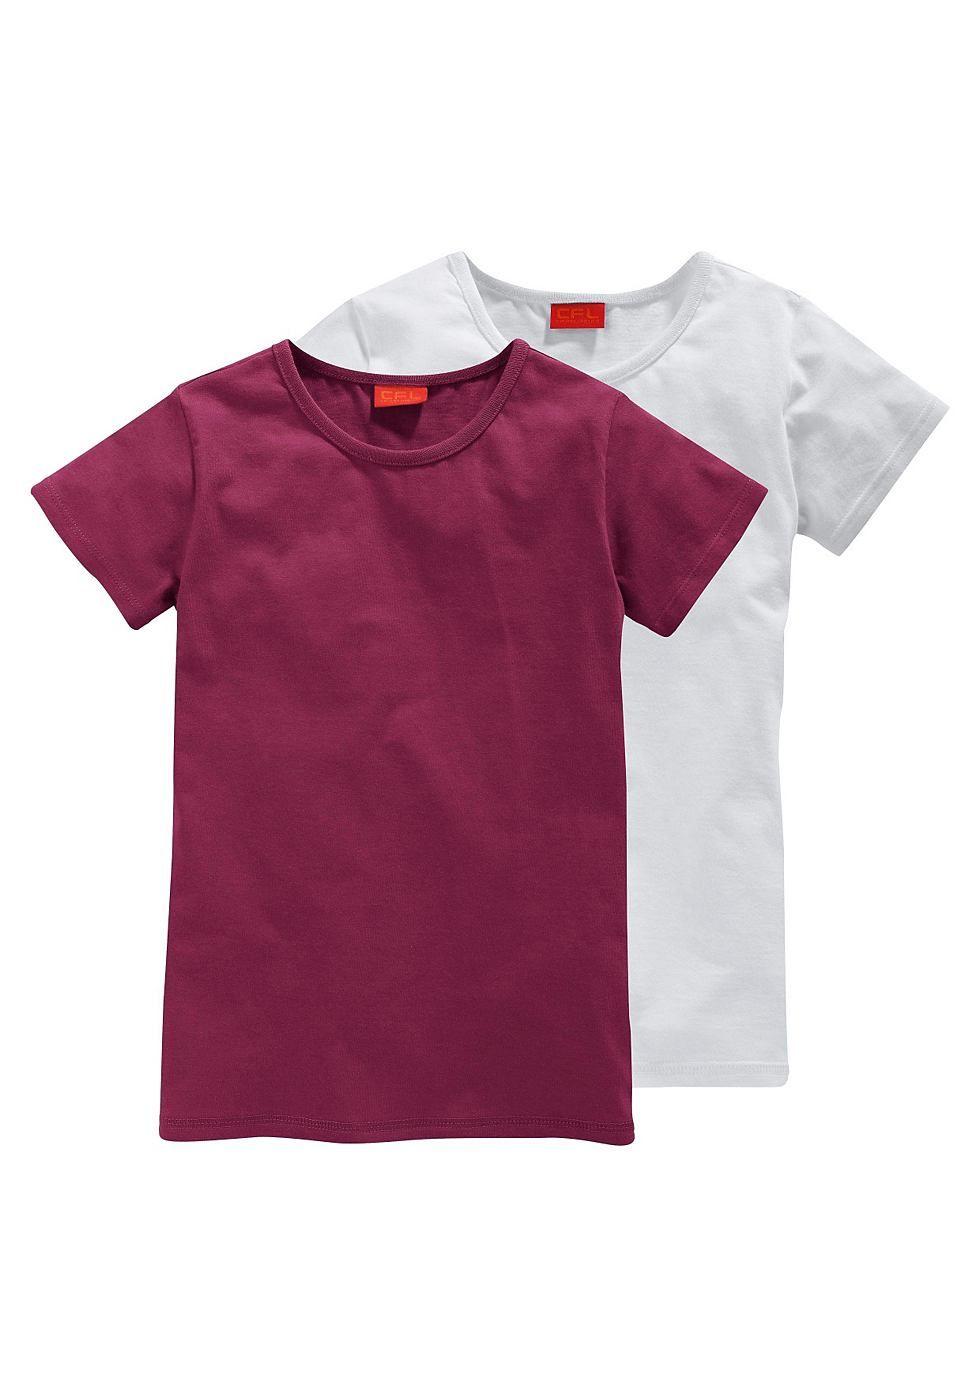 Produkttyp , T-Shirt, |Qualitätshinweise , Hautfreundlich Schadstoffgeprüft, |Materialzusammensetzung , Obermaterial: 100% Baumwolle (unterstützt Cotton made in Africa), |Material , Baumwolle, |Farbe , Bordeaux-rot-Weiß, |Passform , taillierte Form, |Schnittform/Länge , hüftlang, |Ausschnitt , Rundhals, Kante eingefasst, |Ärmelstil , Kurzarm, |Armabschluss , Kante abgesteppt, |Saumabschluss , K...